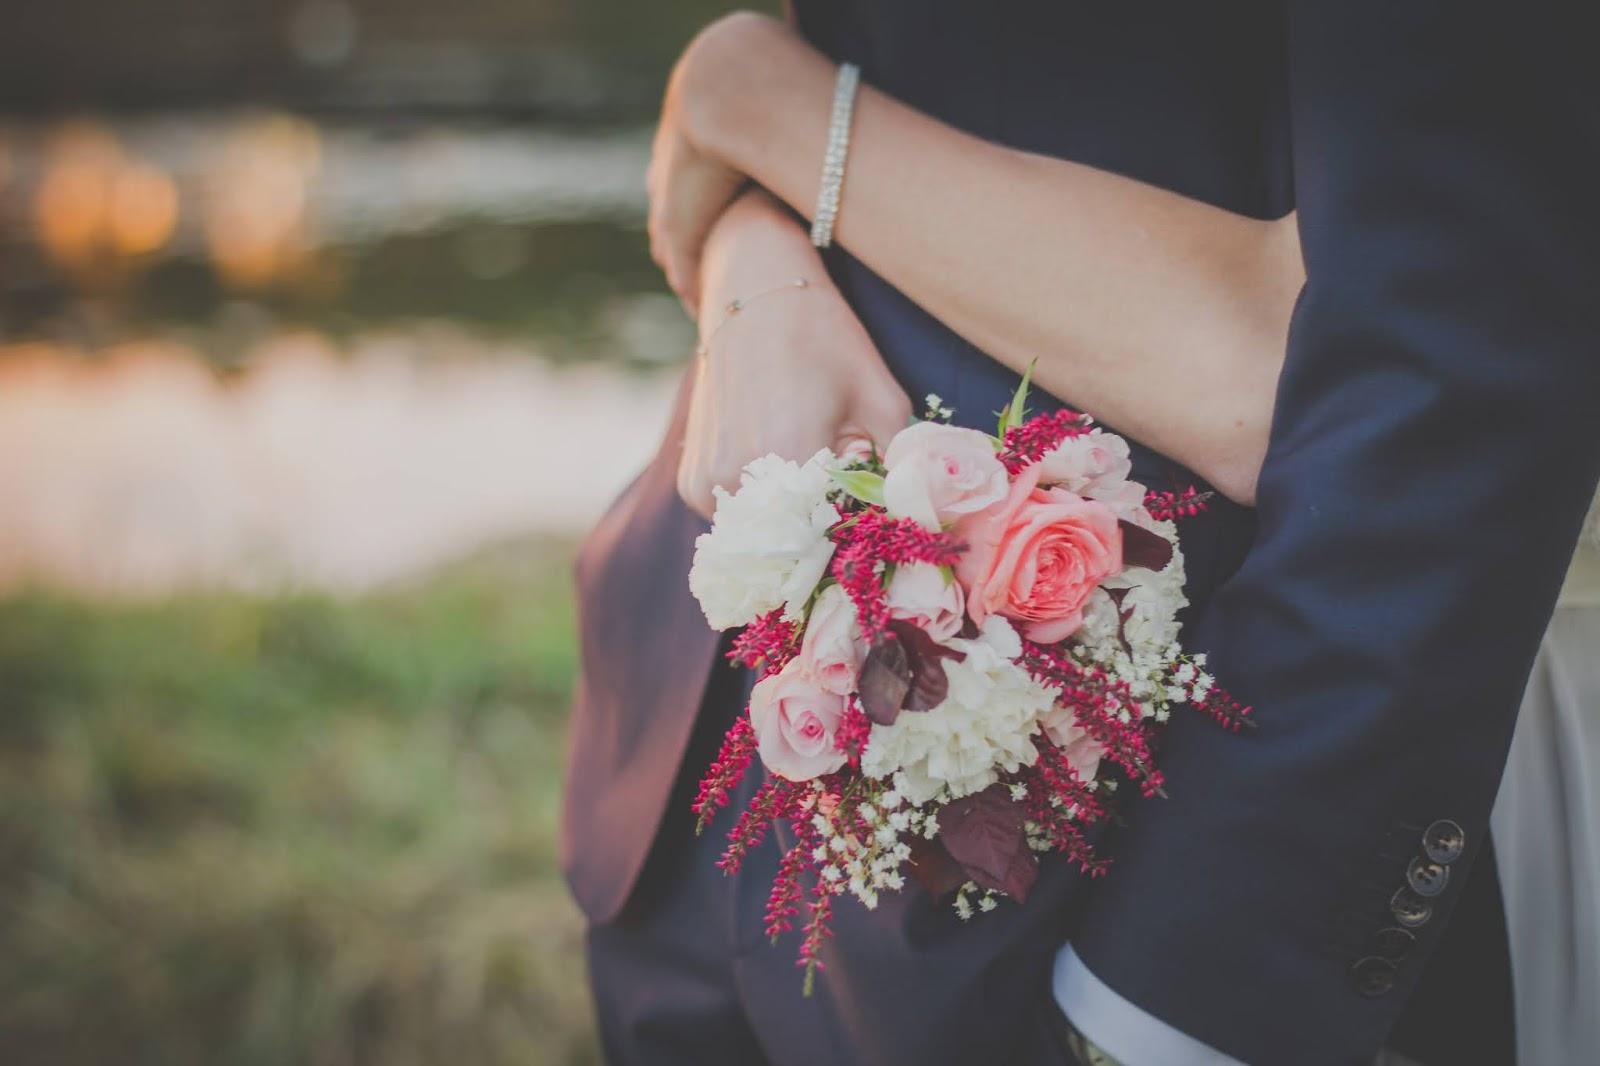 Ξάνθη: Τσουχτερά πρόστιμα για γάμους στην ορεινή περιοχή